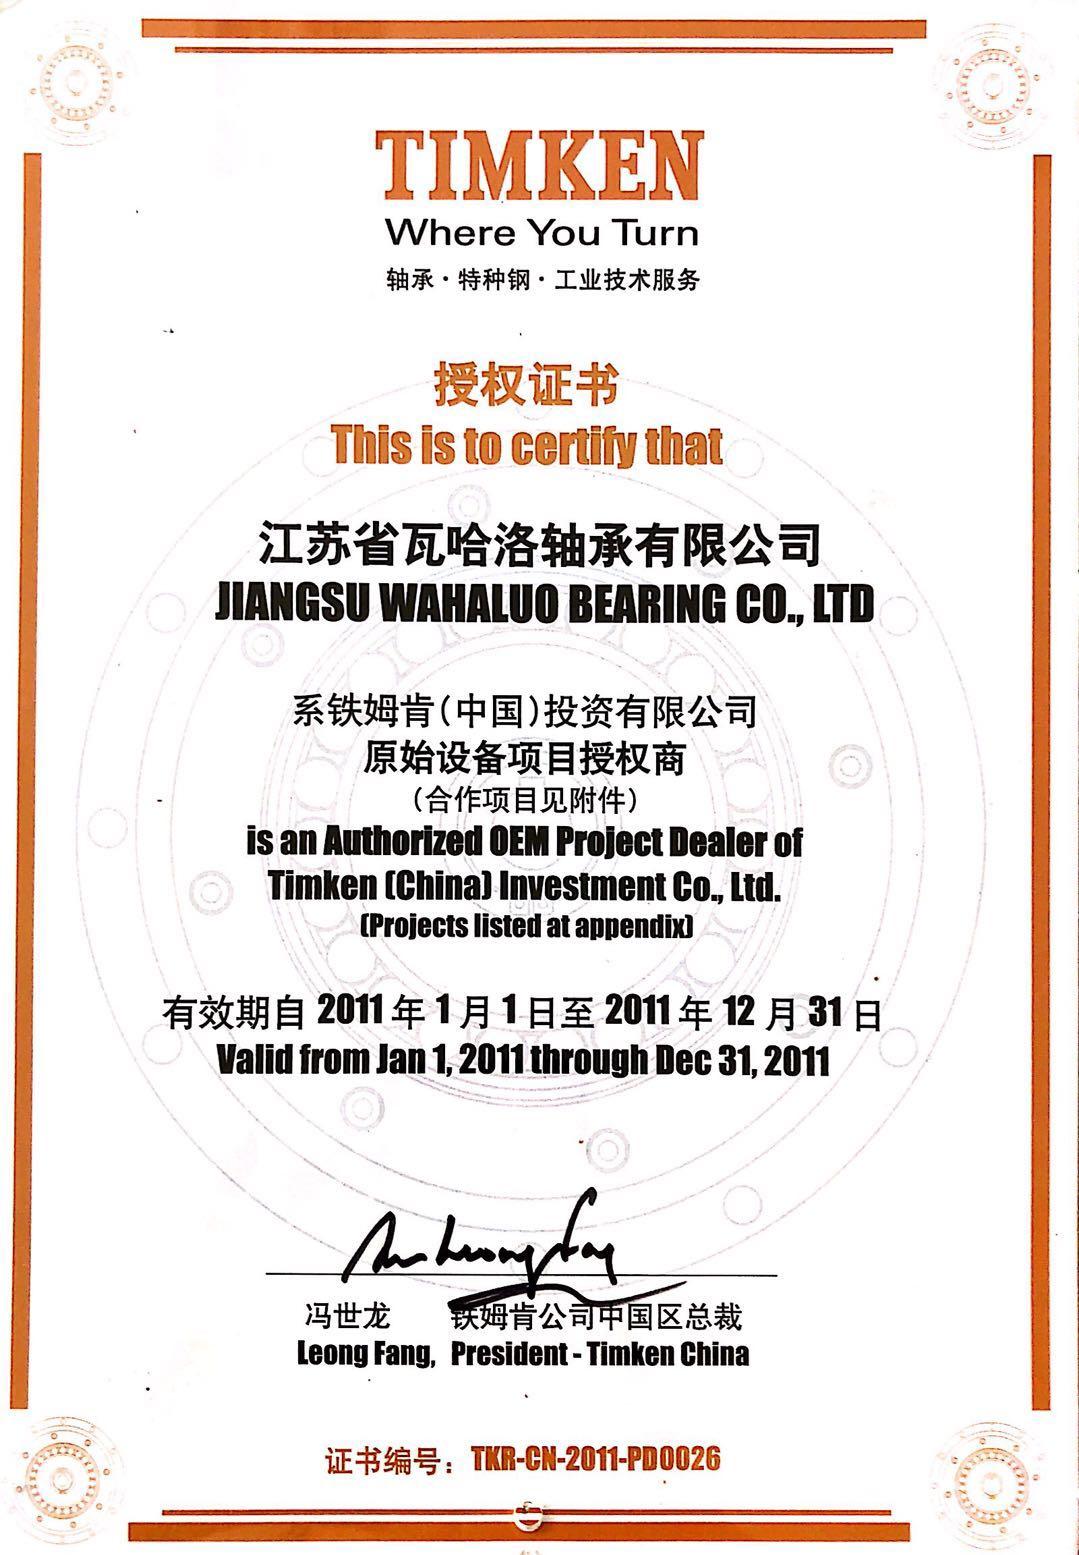 TIMKEN授权瓦哈洛2011年证书